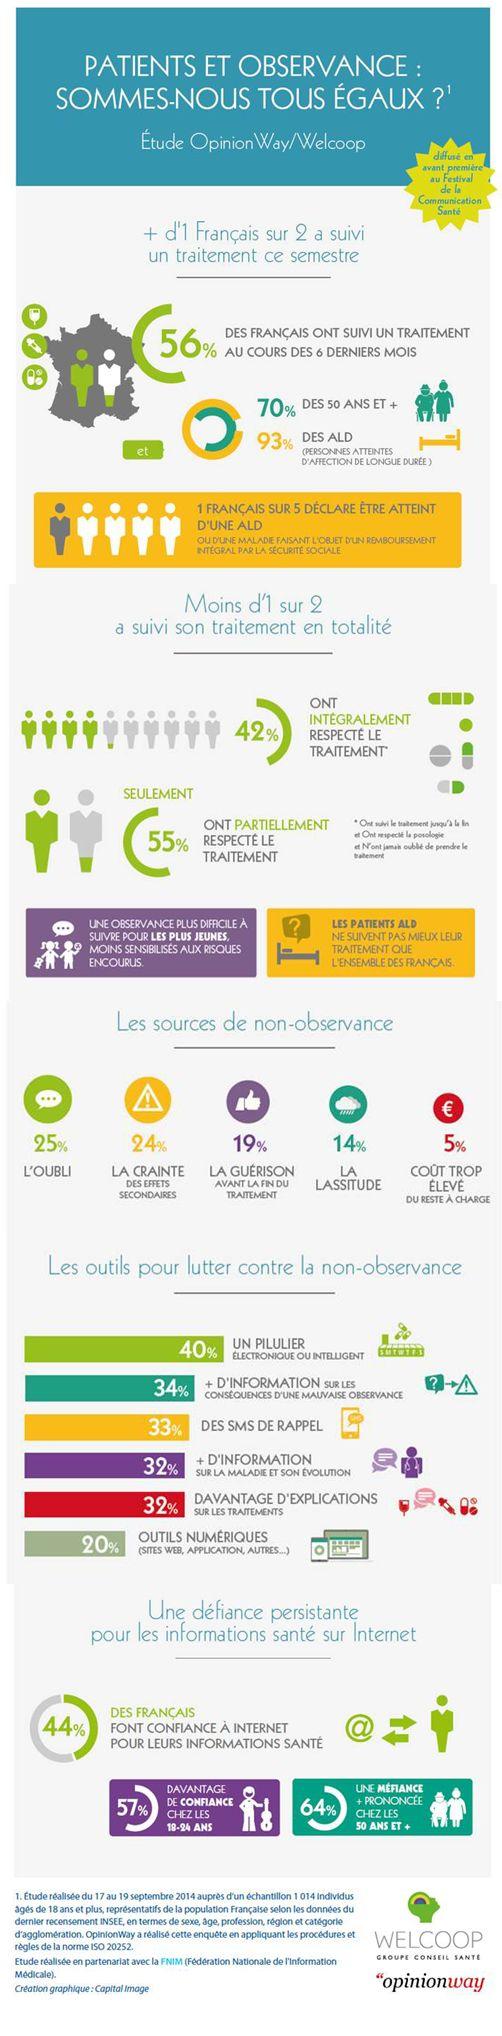 infographie patient observance présentée en avant-première au #FCS14 via @rteston